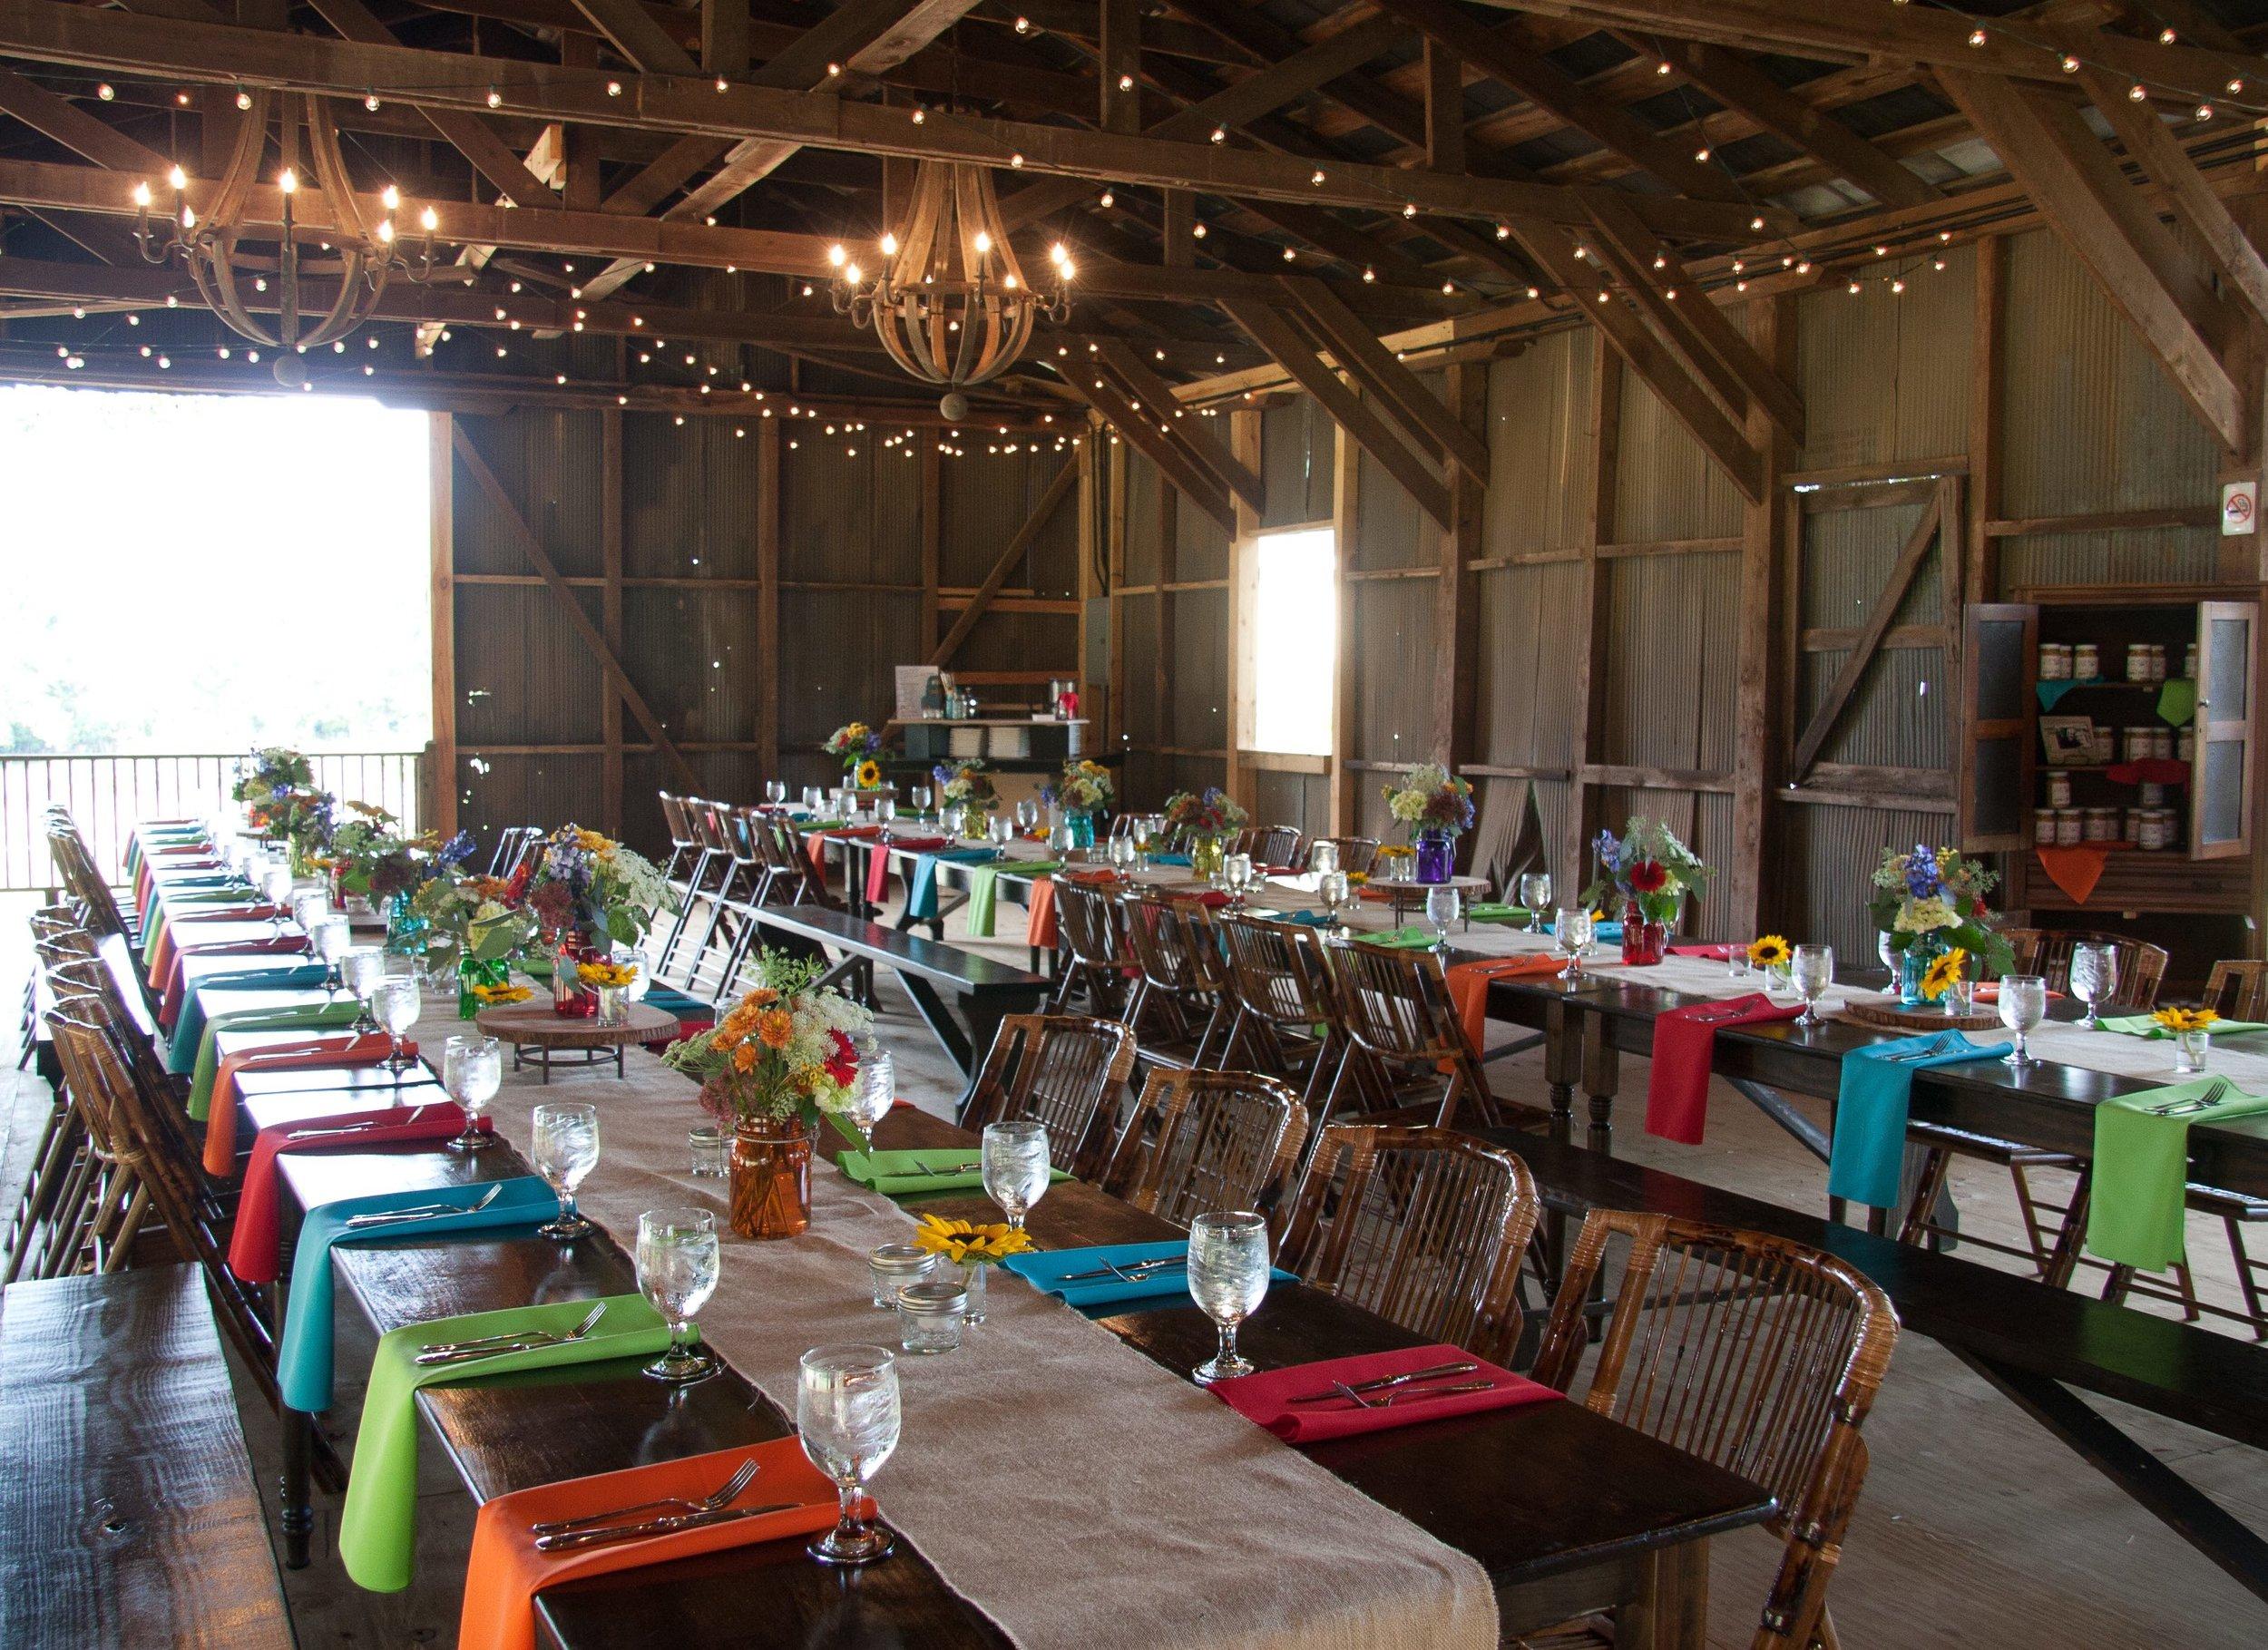 farm_winter_wedding_cloverleaf.jpg